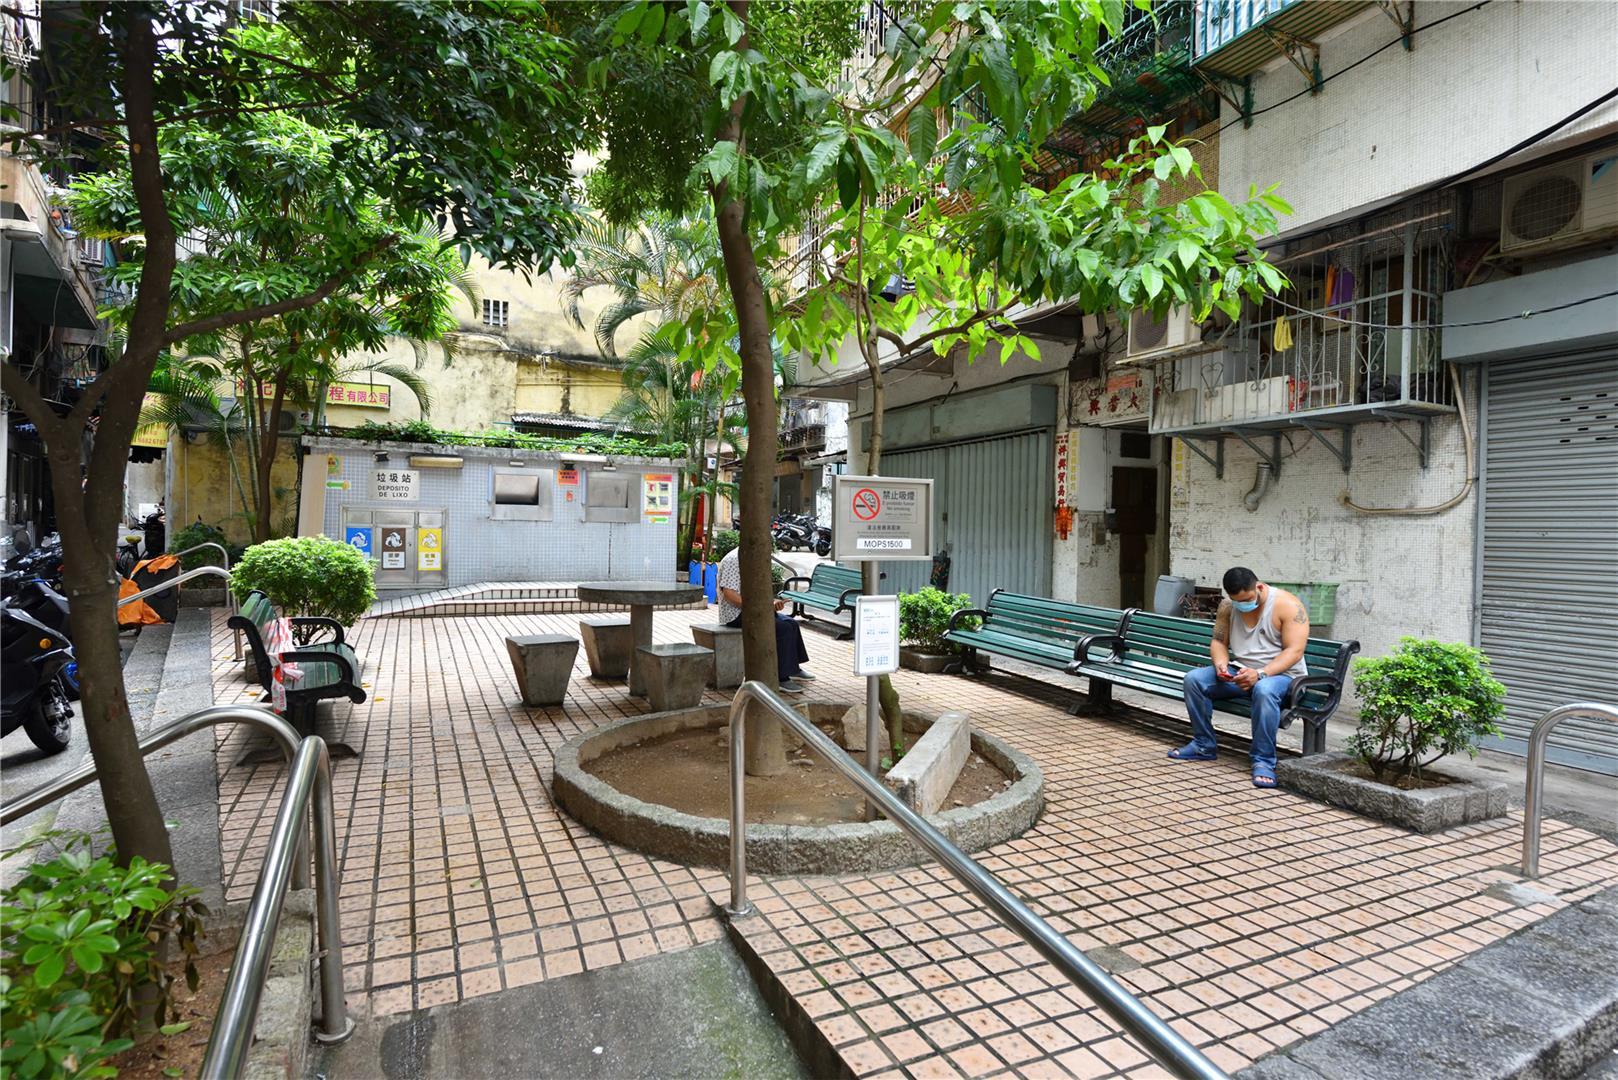 Leisure Area in Pátio de Além-Bosque